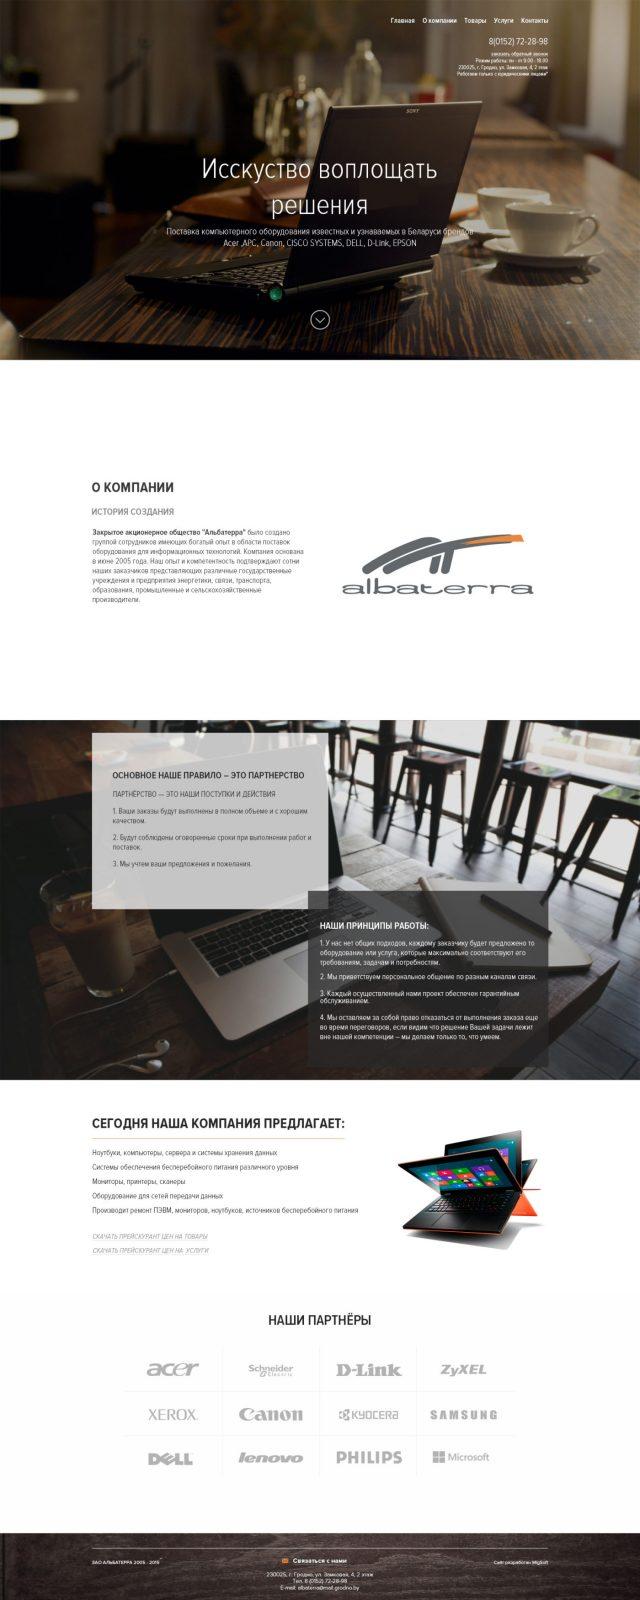 сайт компьютерного оборудования